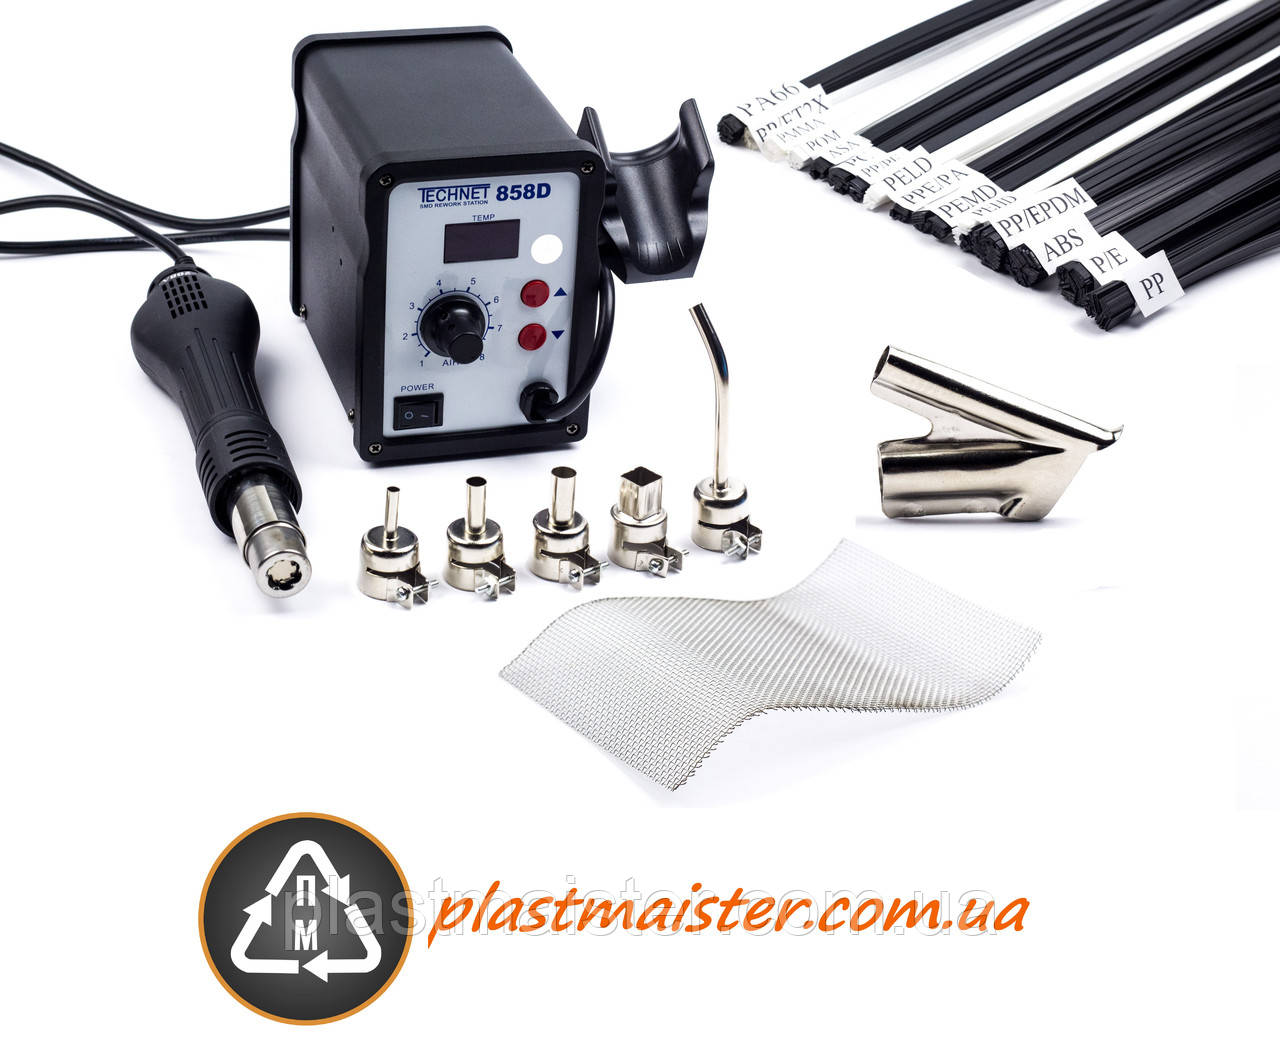 Паяльная станция для ремонта пластика - 858D + 6 сопел + сетка + пластик